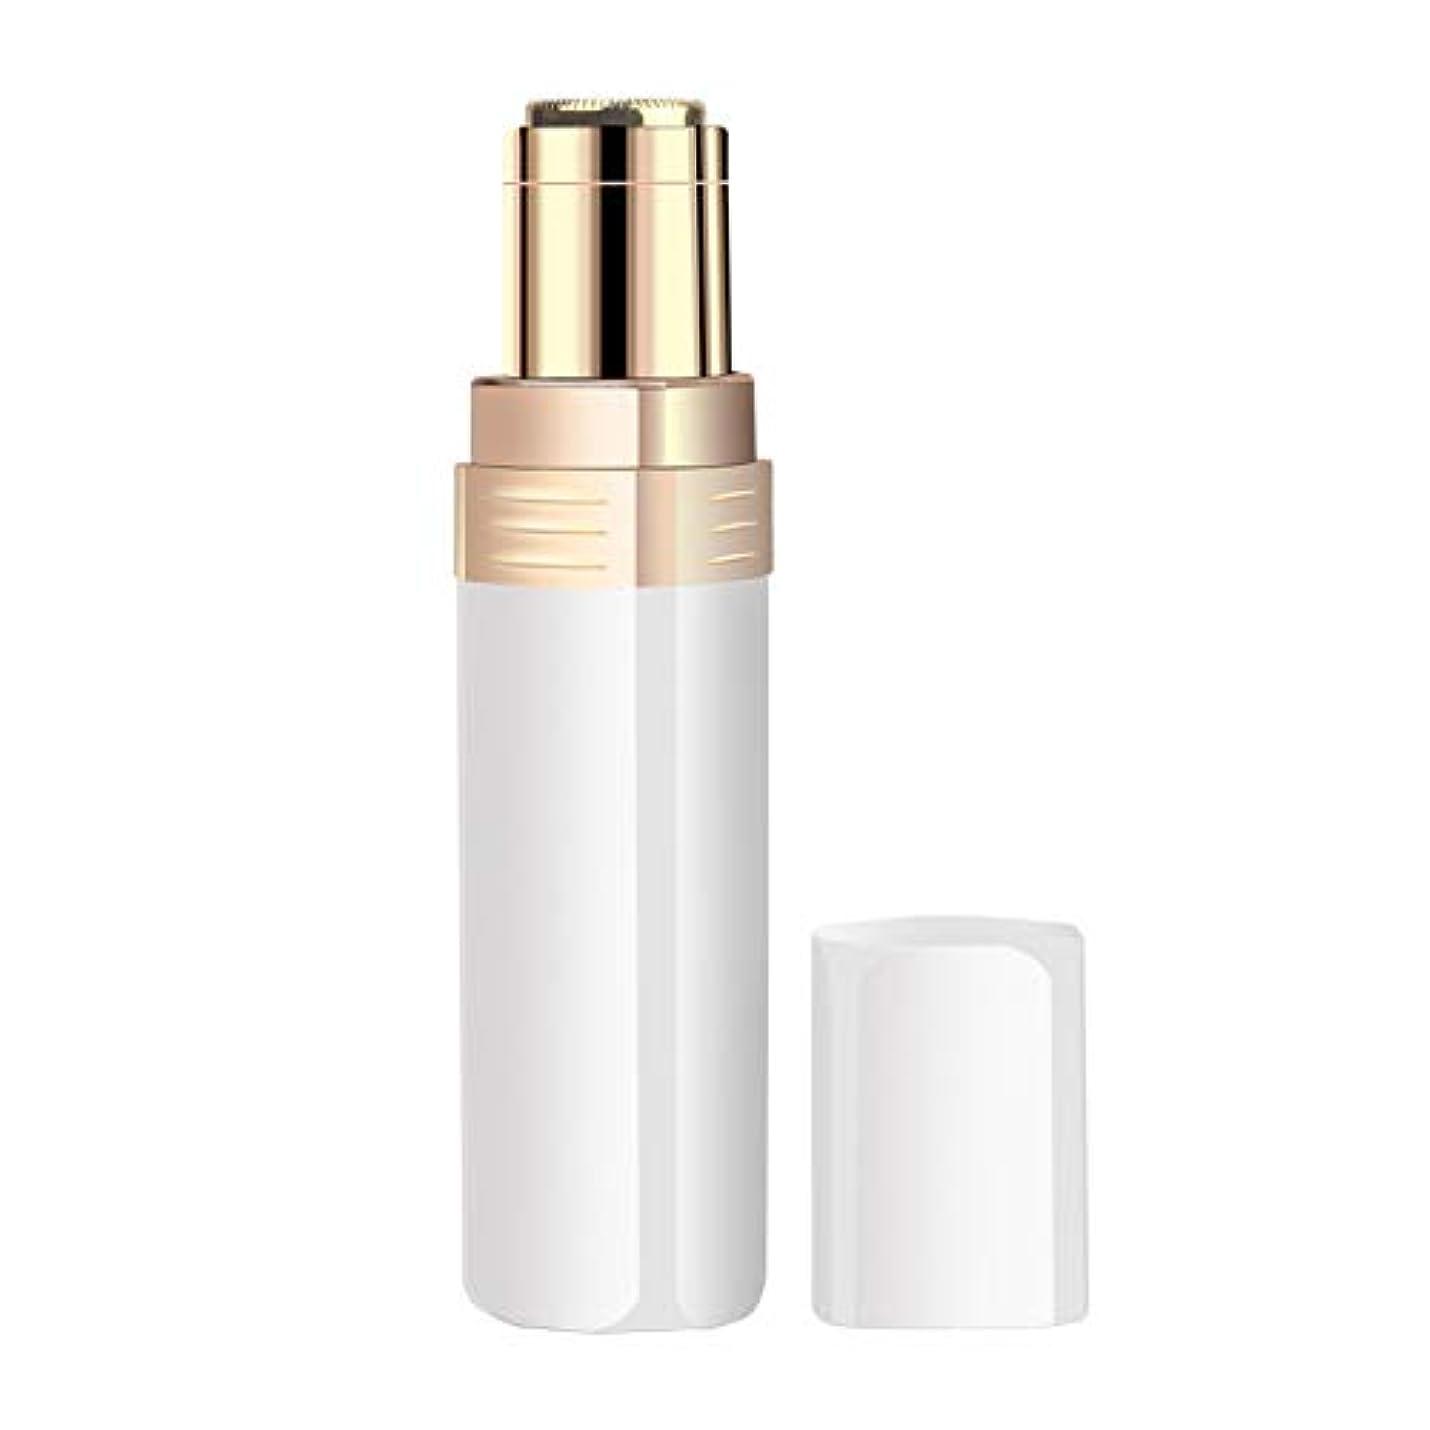 哀れな統合する影響ポータブル電気かみそり、USB充電式顔の毛の除去、痛みのない顔の毛トリマー、防水レディース電気シェーバー